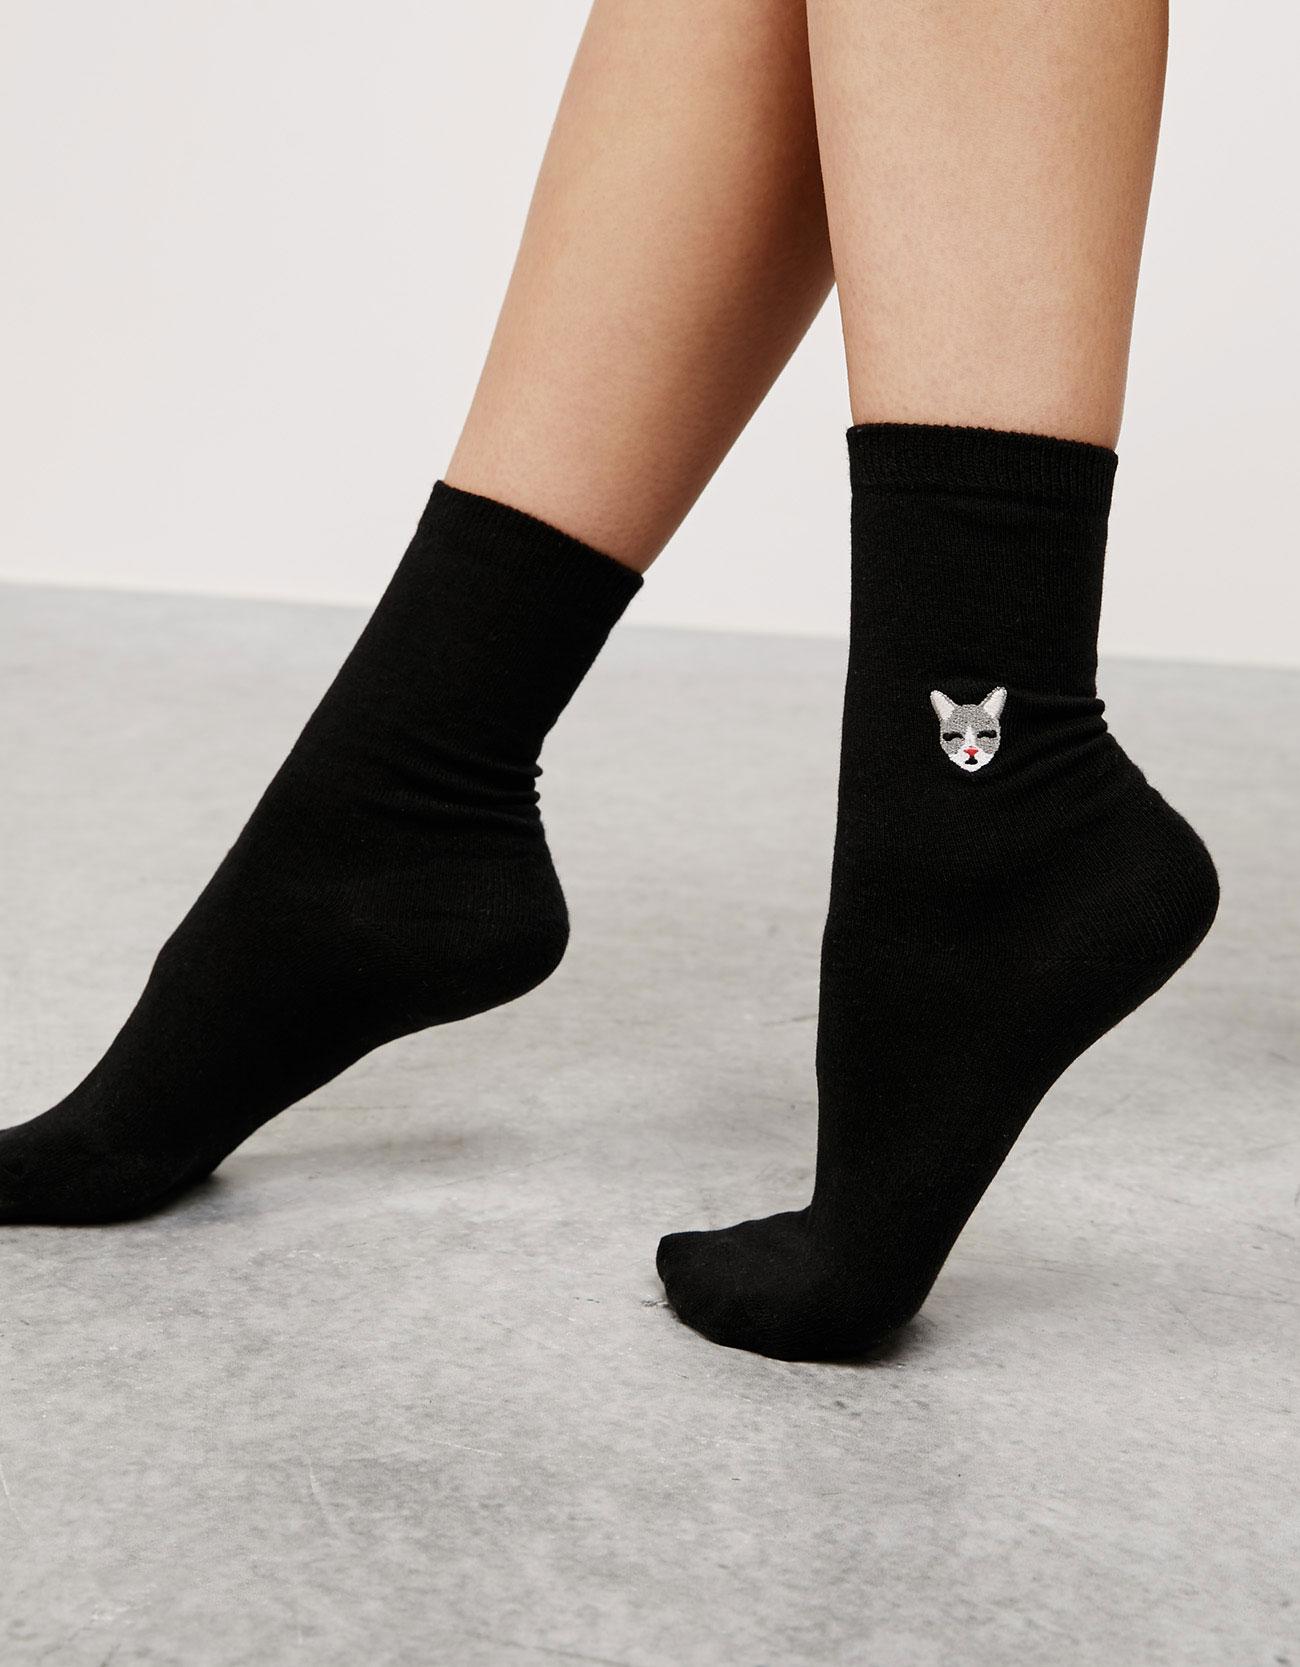 Sokken van Bershka, € 5,99